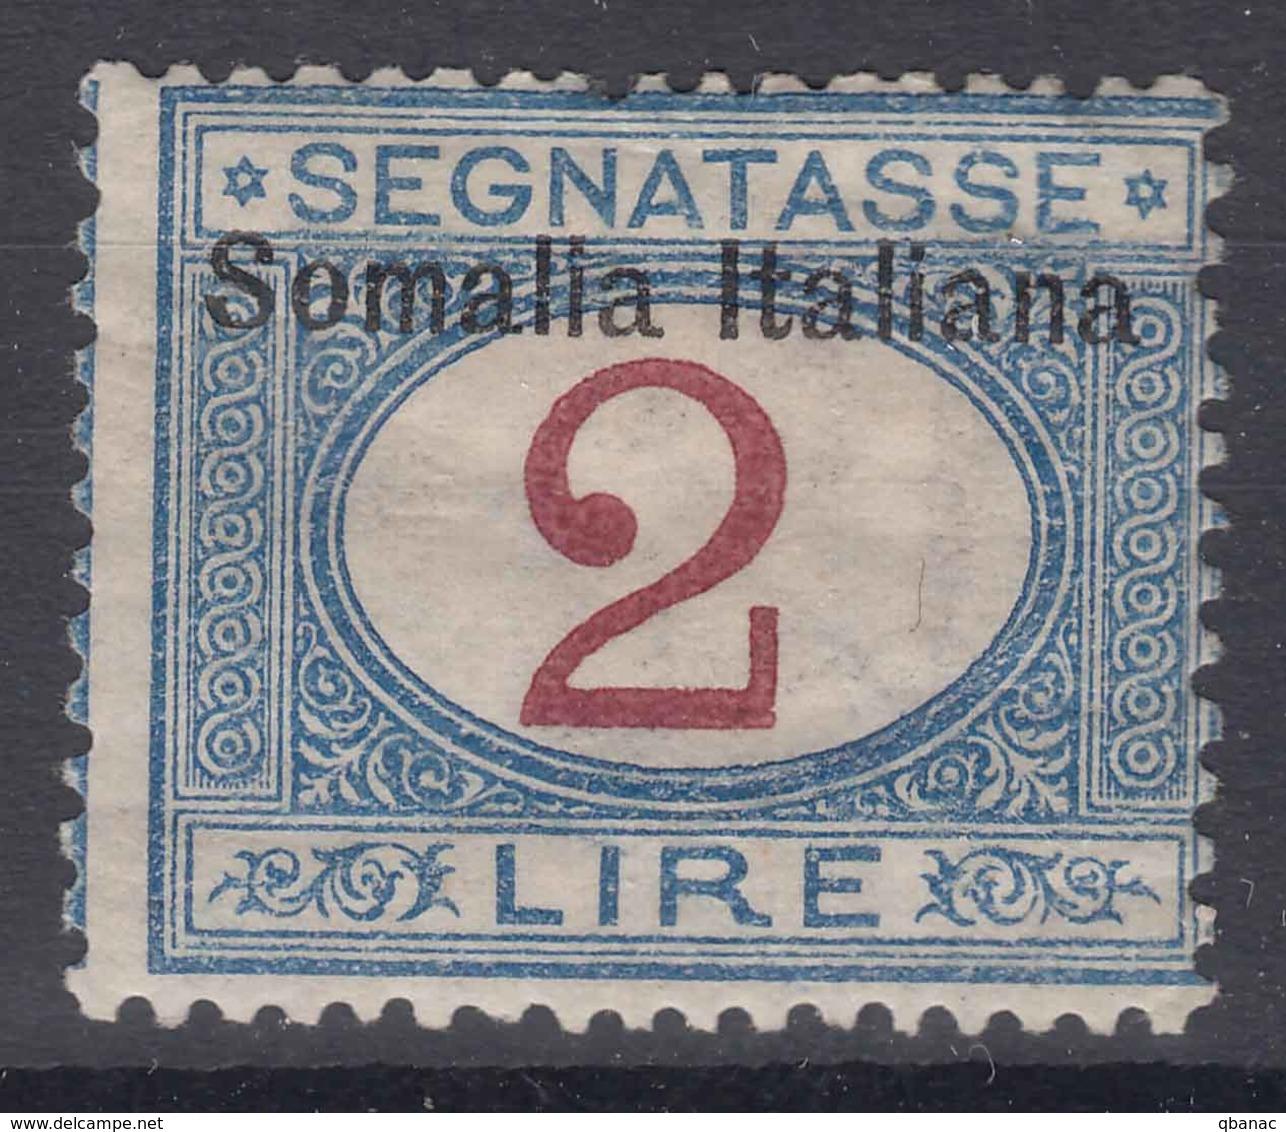 Italy Colonies Somalia 1909 Segnatasse Sassone#20 Mint Hinged - Somalia